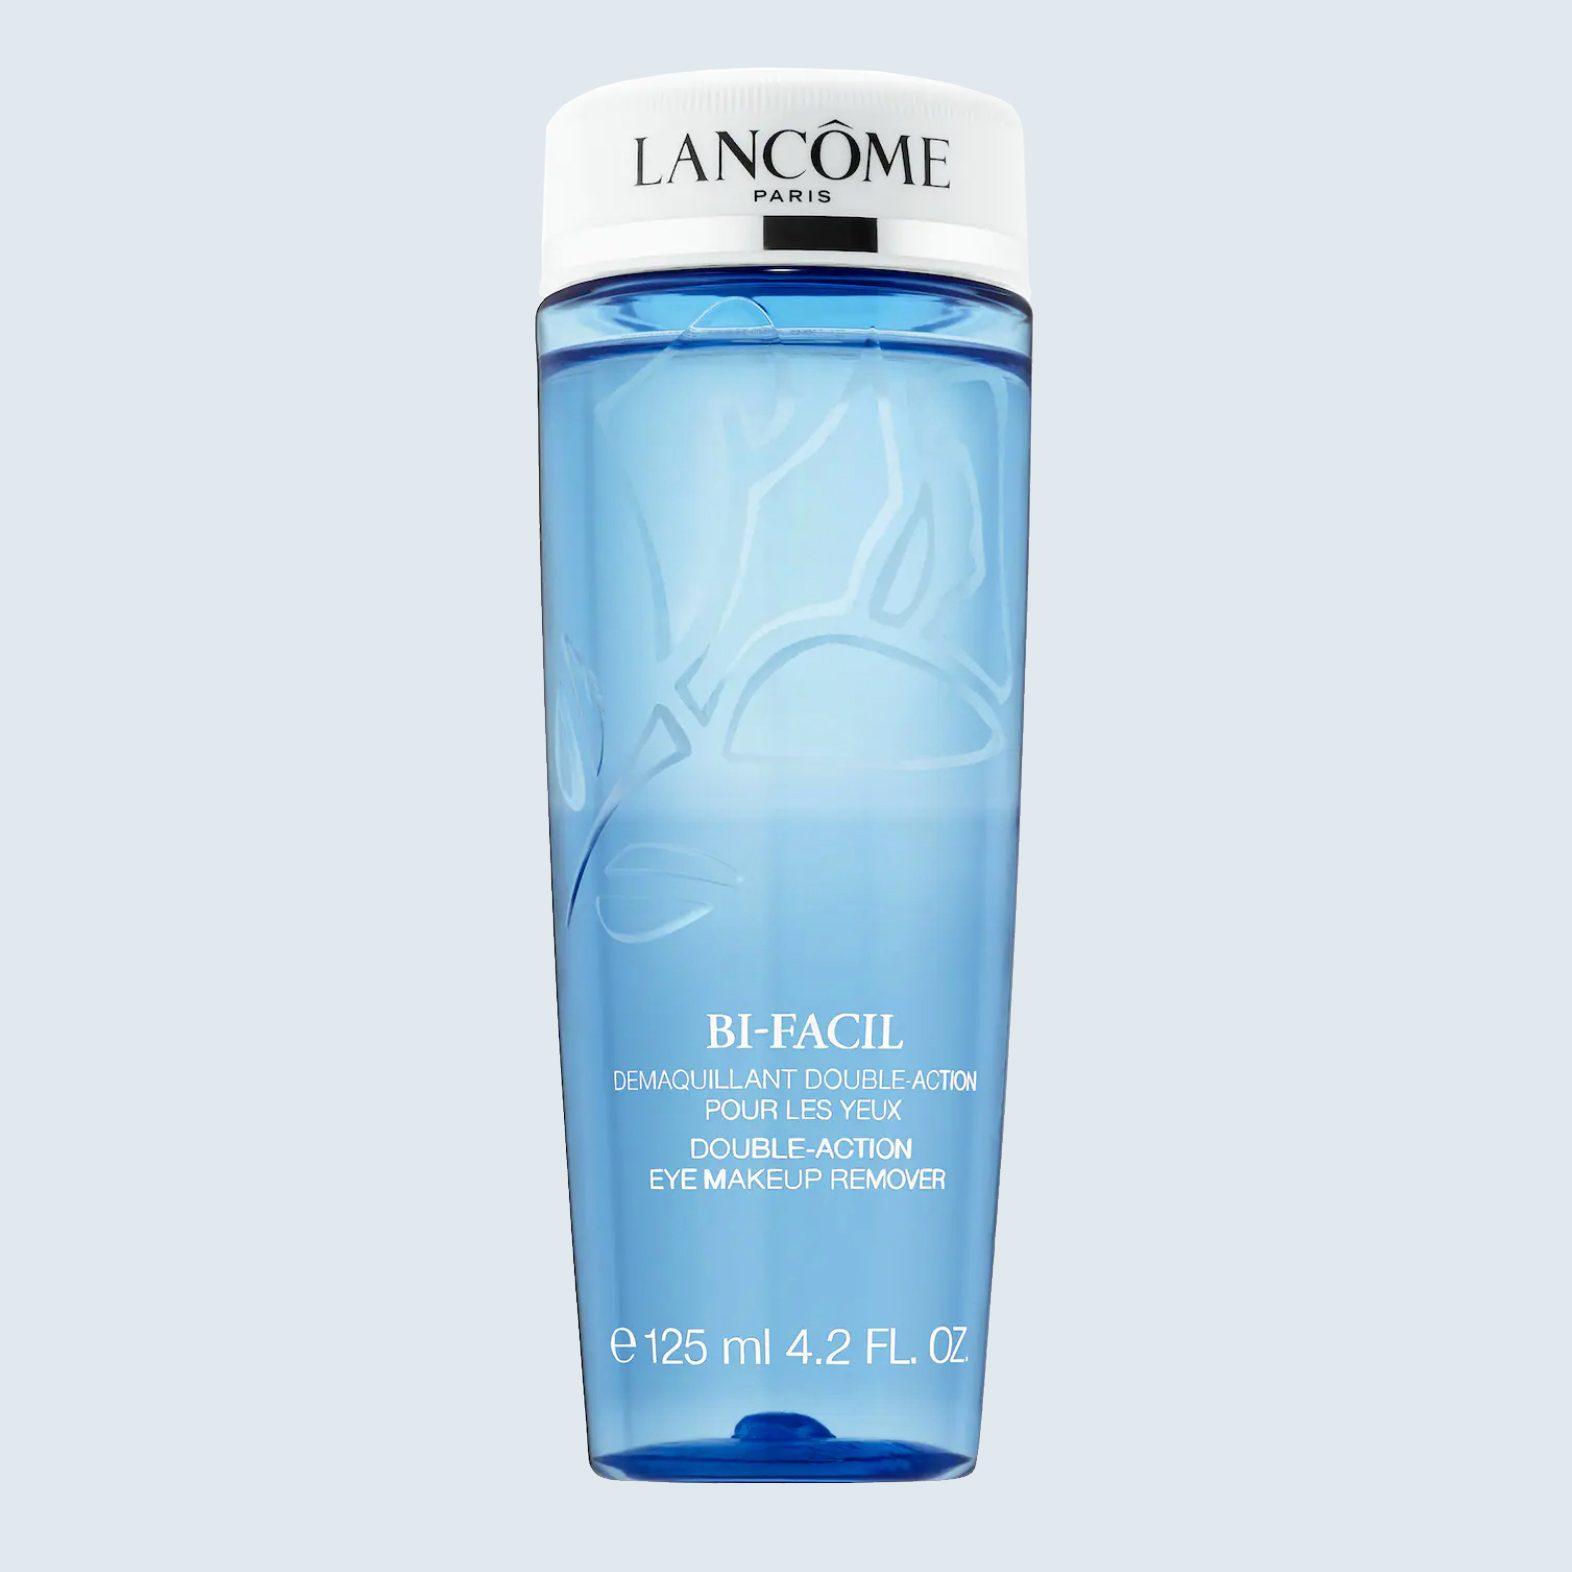 Lancôme Bi-Facil Double-Action Eye Makeup Remover